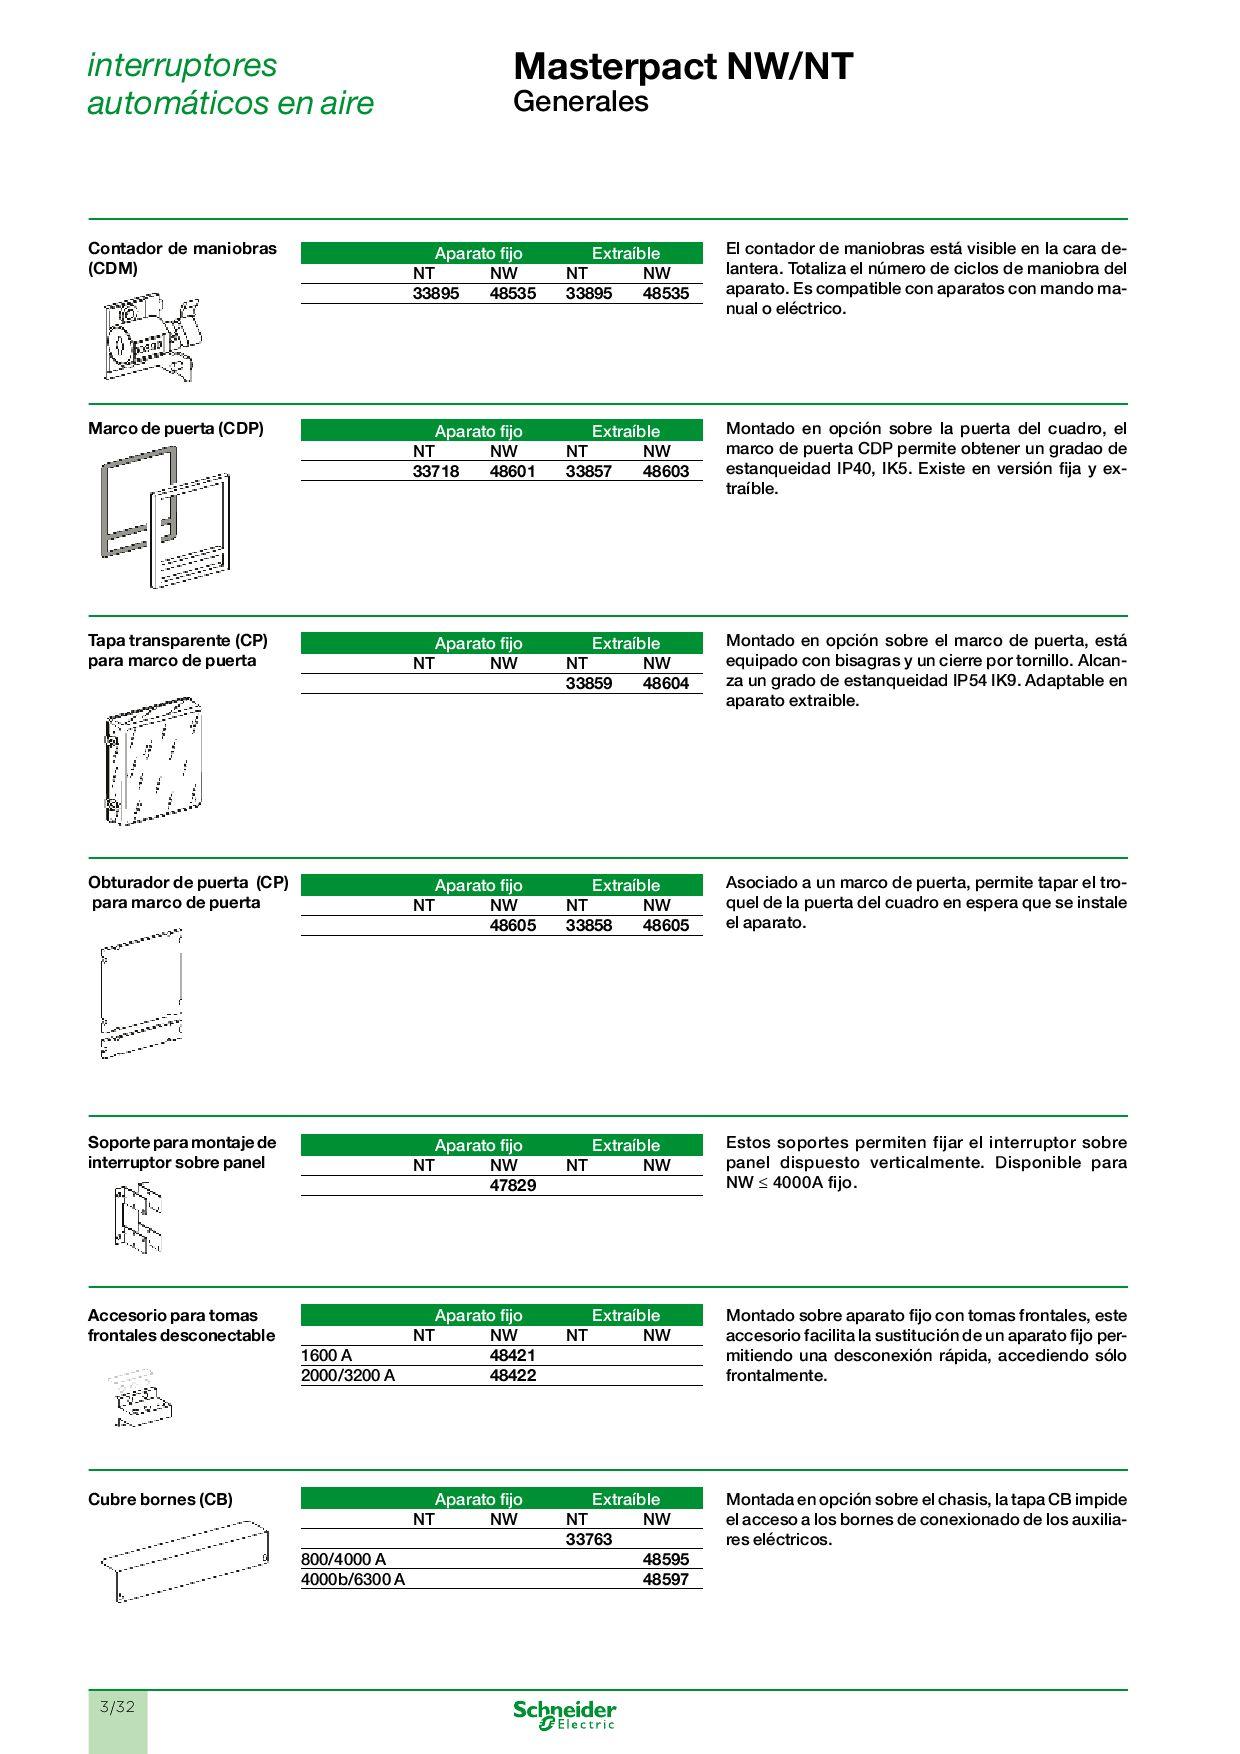 Catalogo General de Productos SCHNEIDER by Eduardo Alvarez - issuu